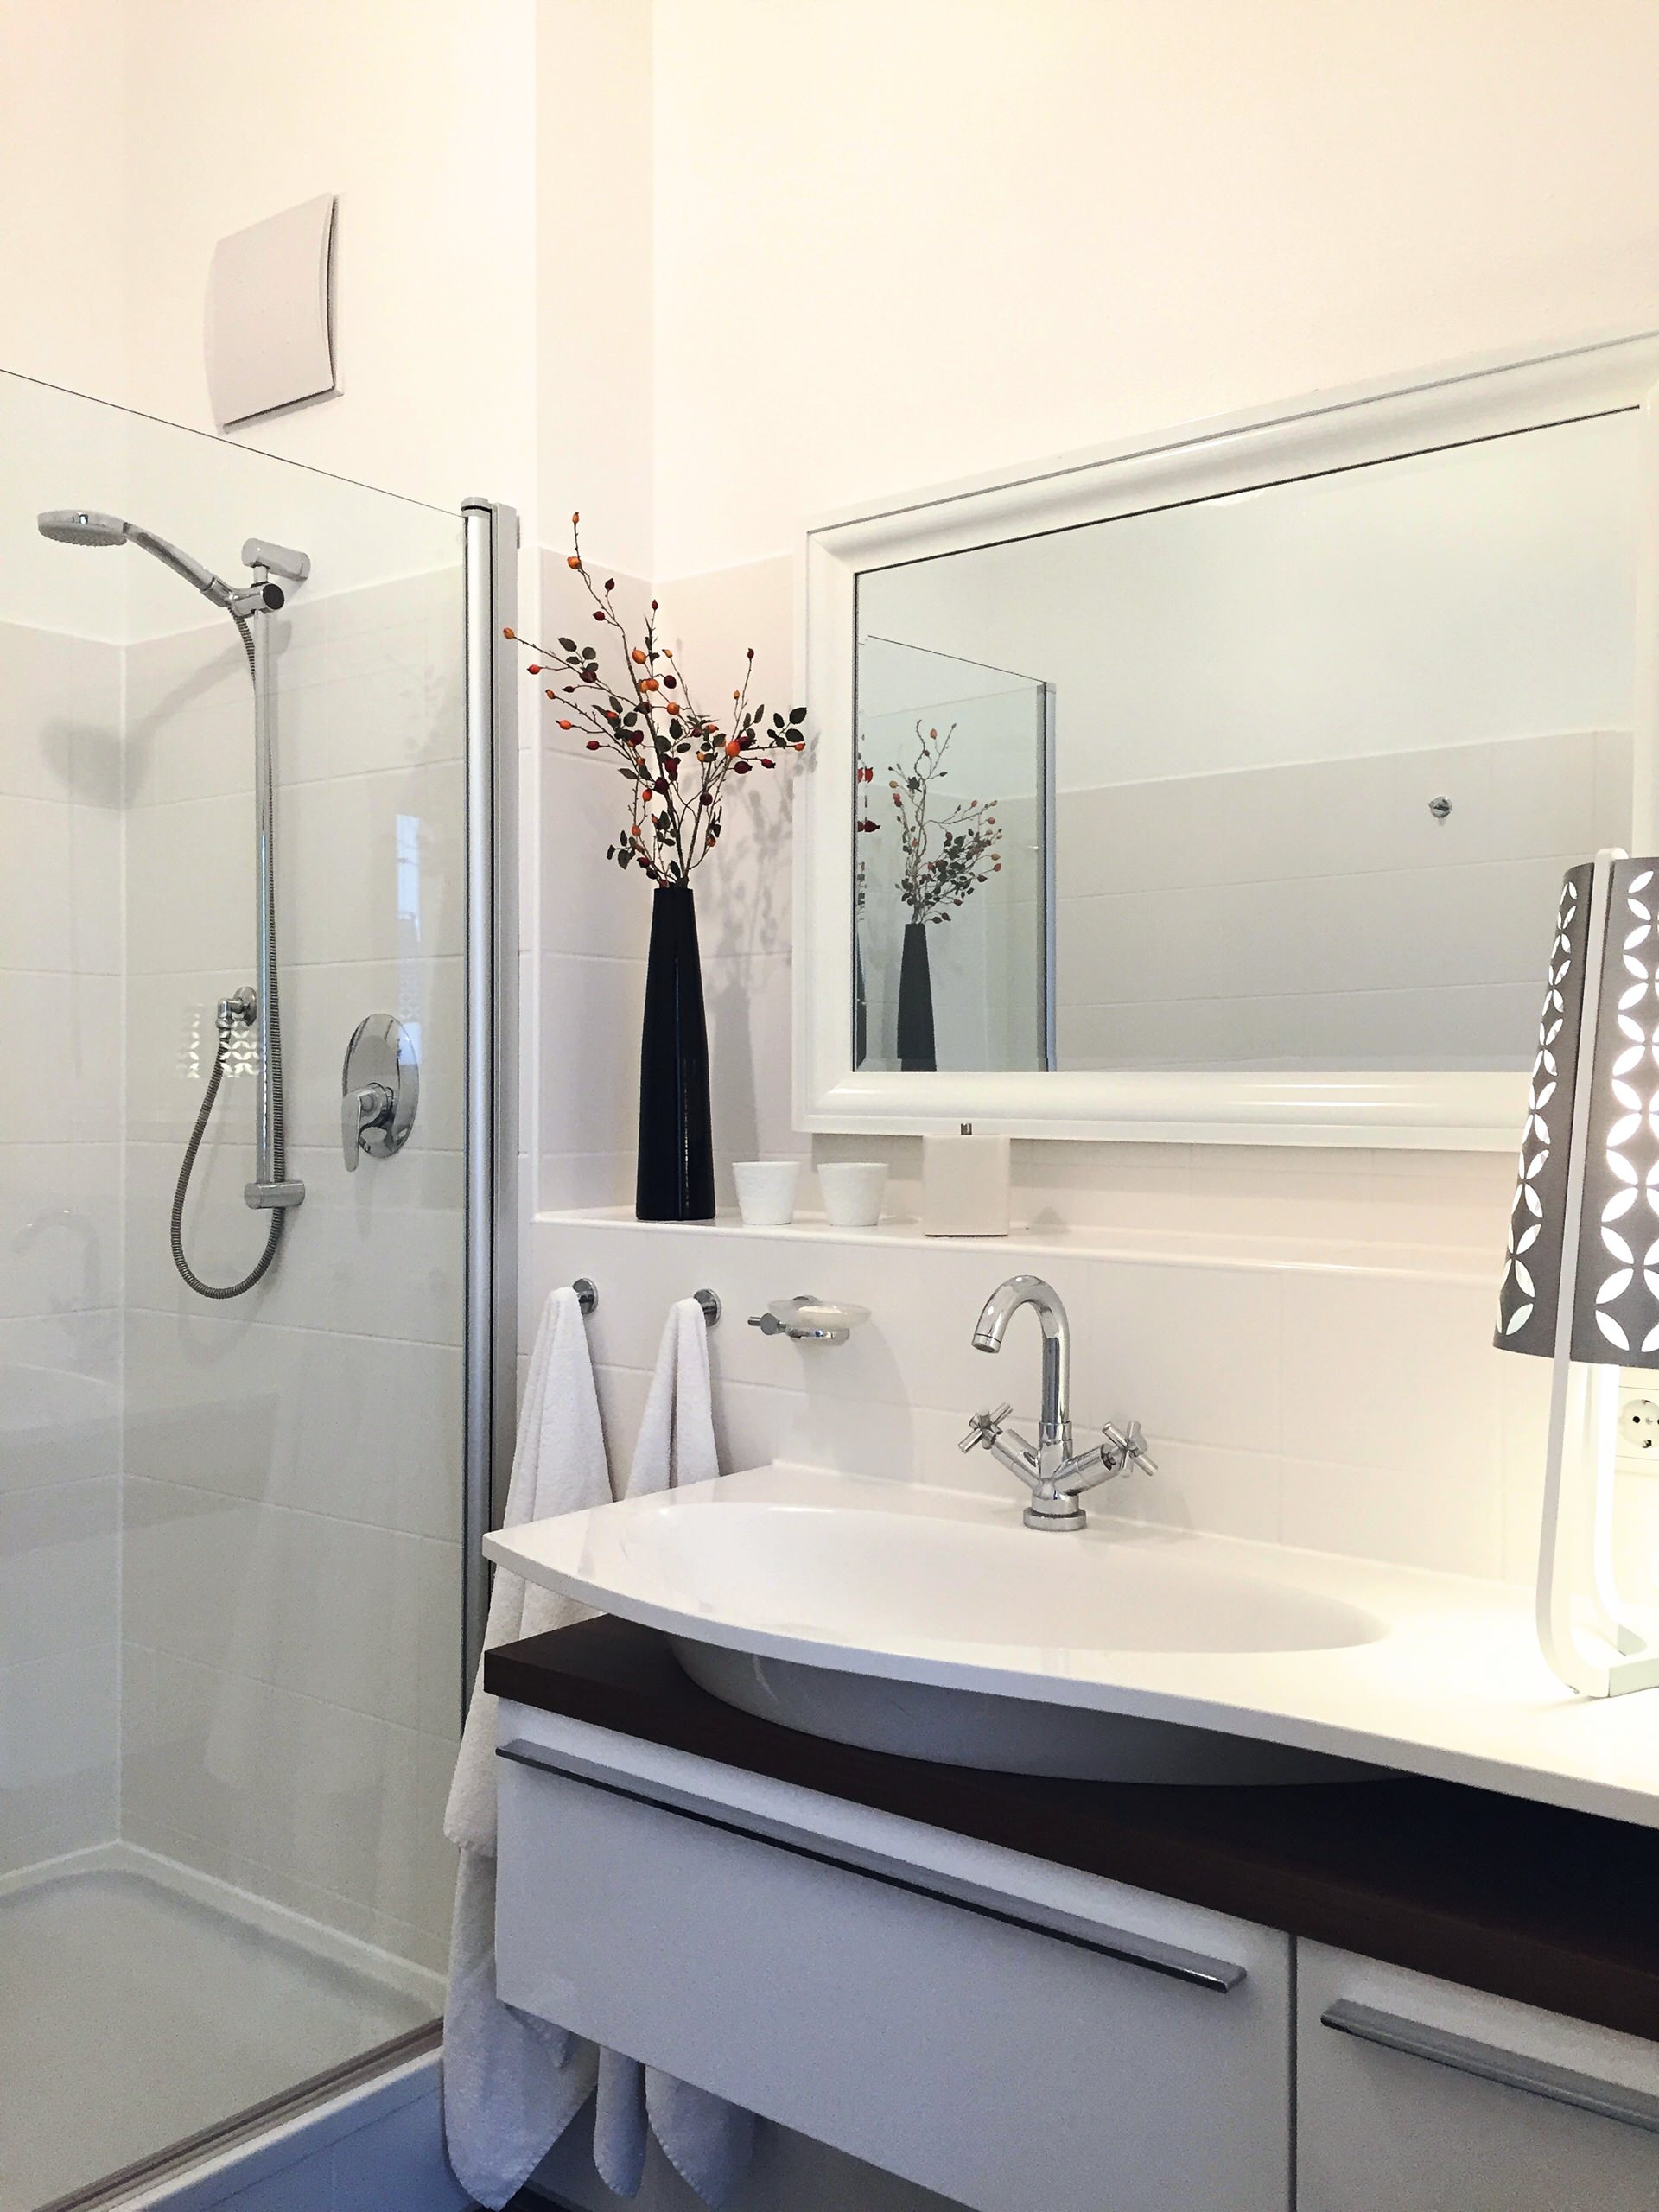 Der neue weiße Spiegel sorgt für optische Weite